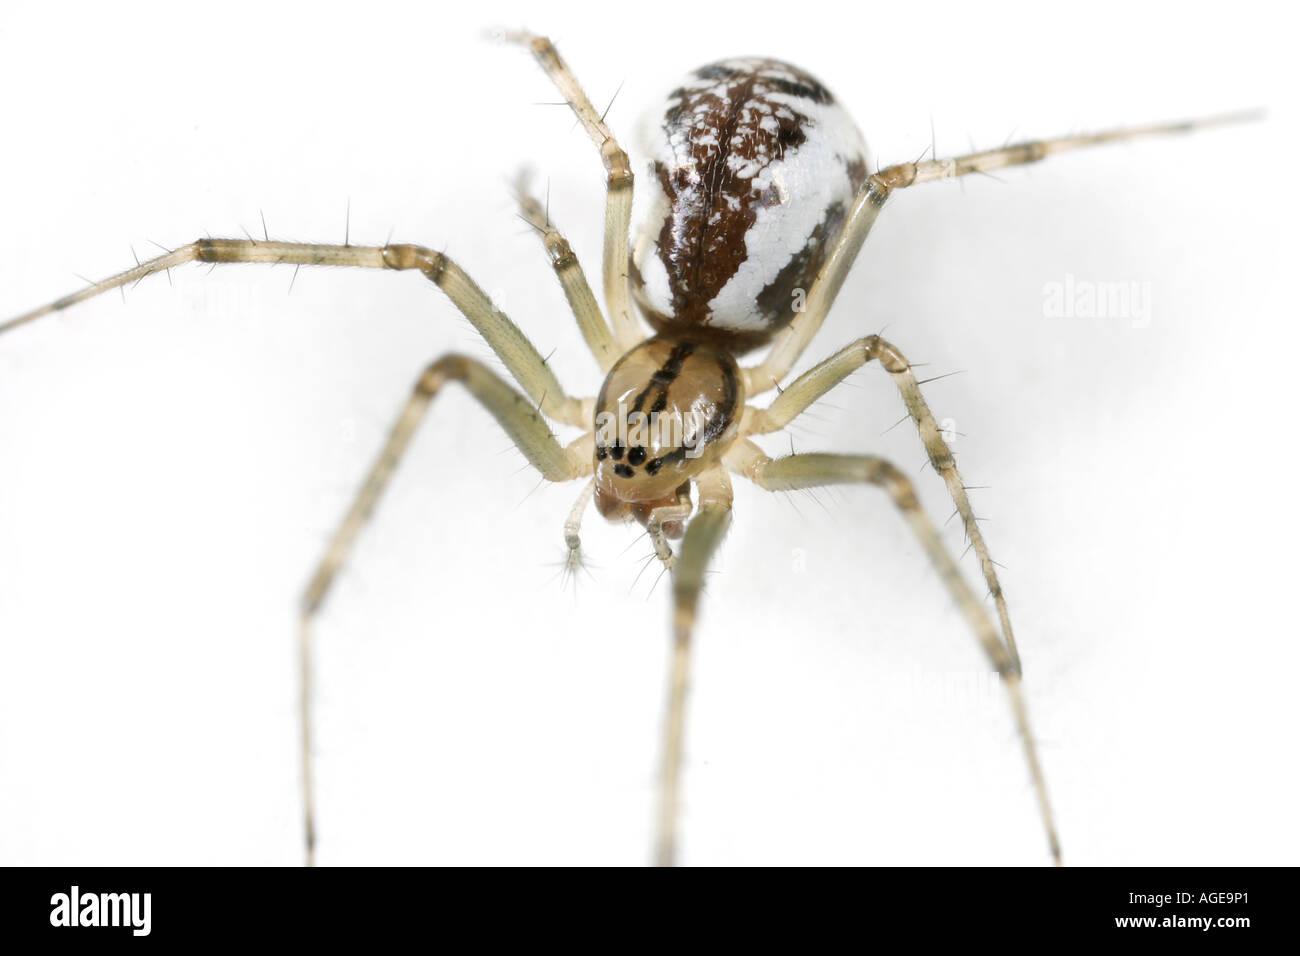 A sheet web spider, Linyphia Triangularis, on white background Stock Photo